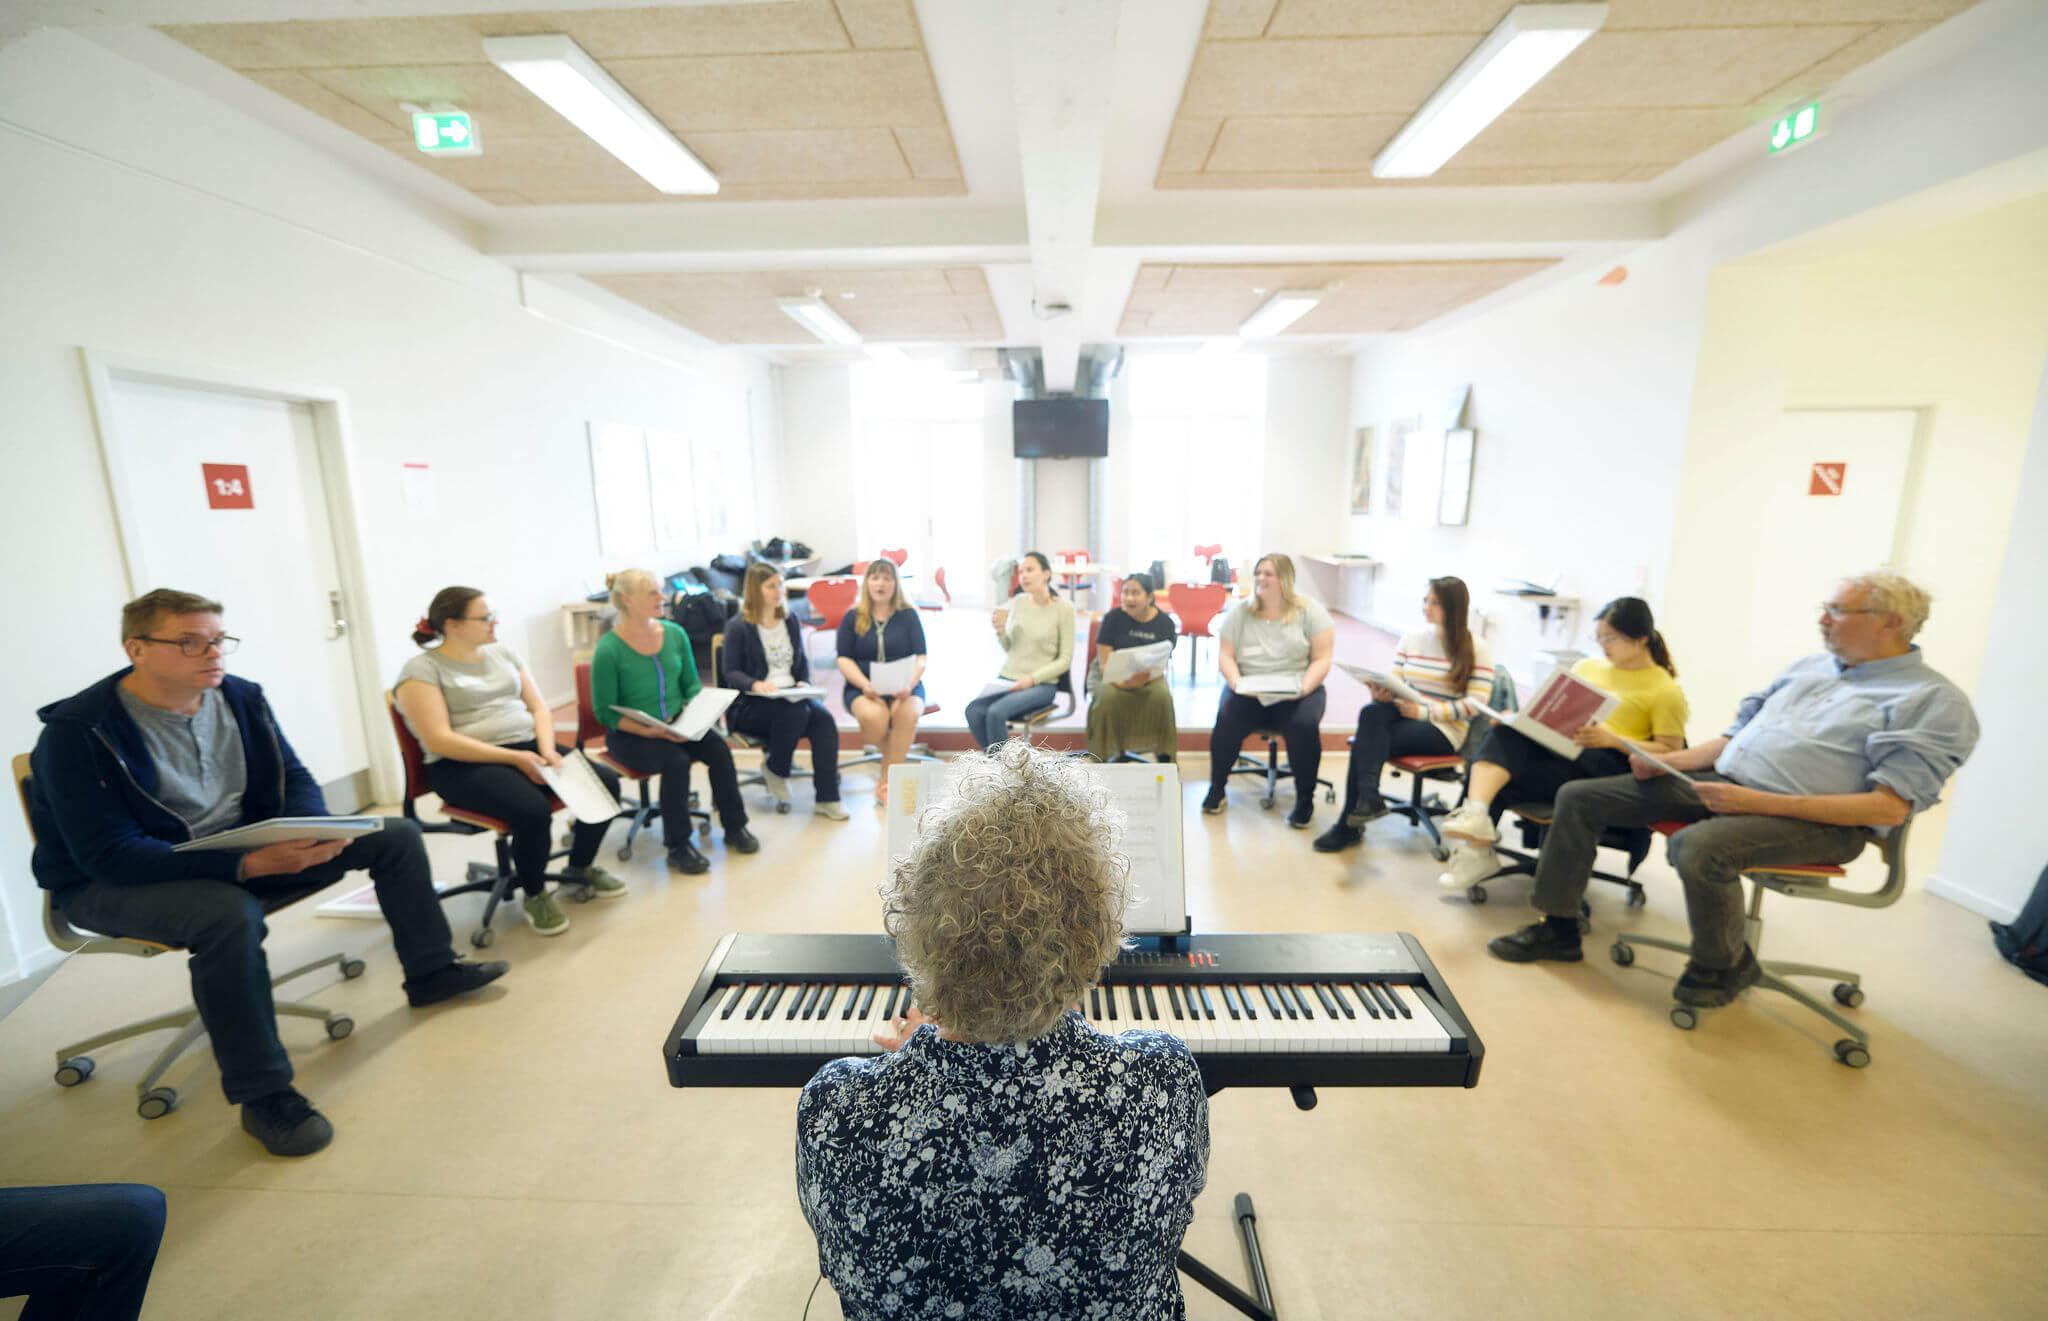 Sangfællesskaber Odense